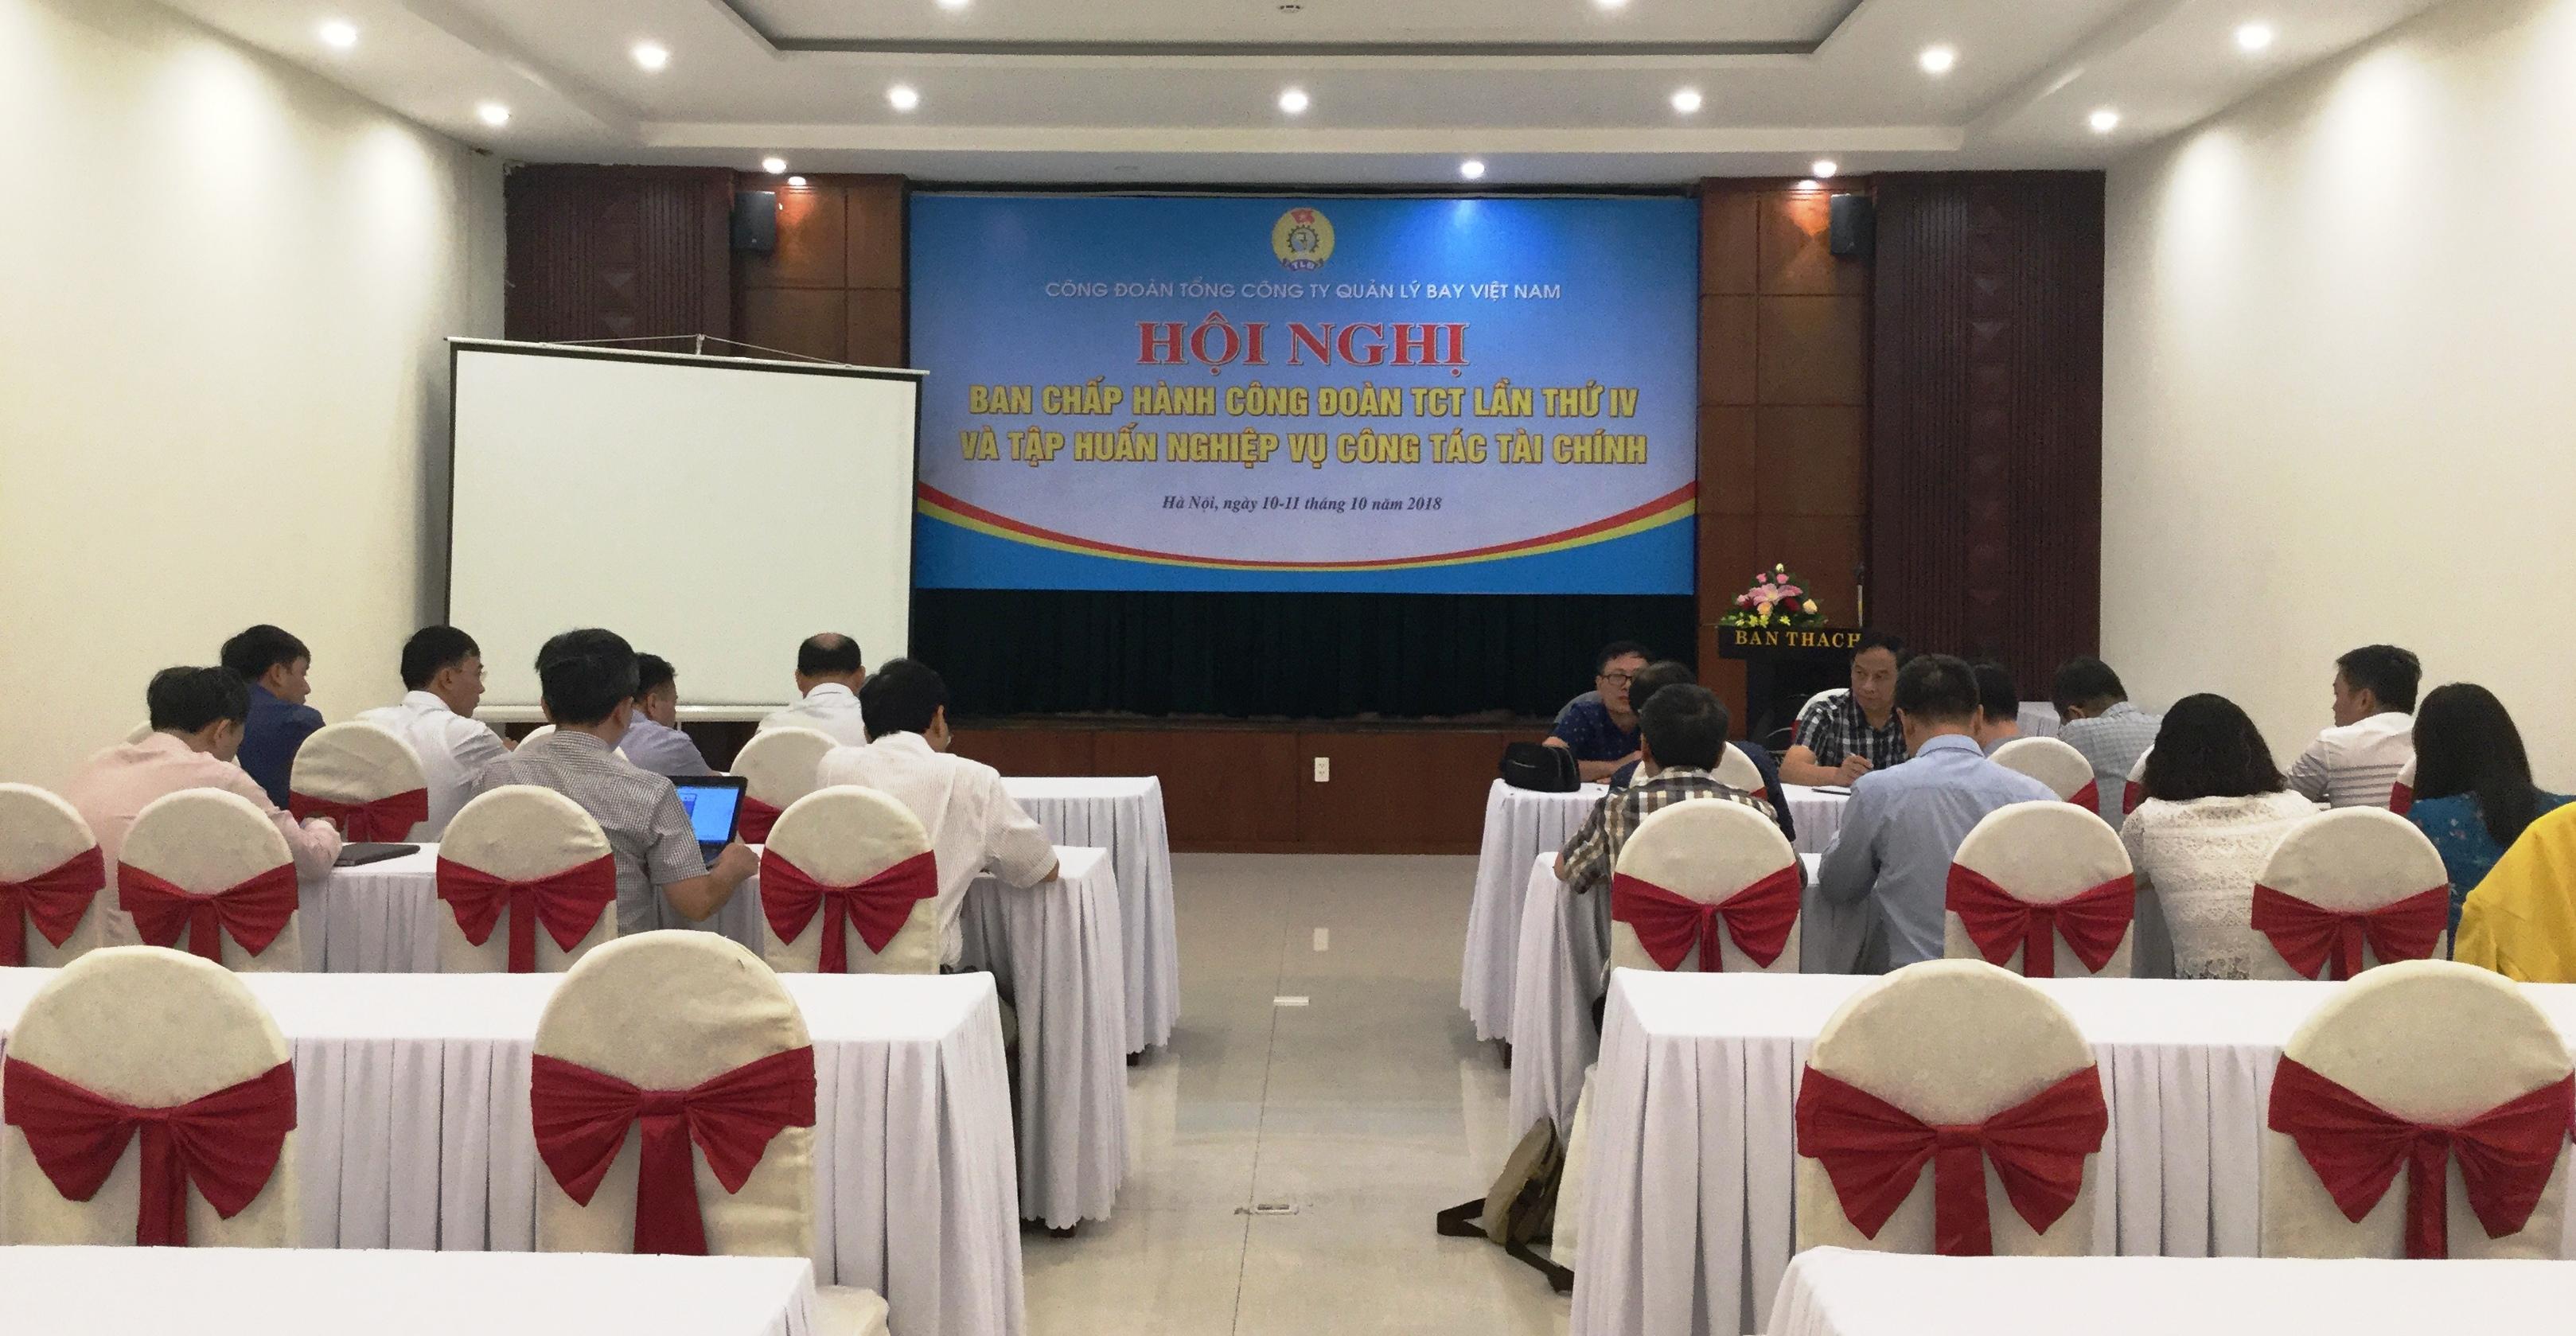 Công đoàn Tổng công ty Quản lý bay Việt Nam: Tổ chức Hội nghị Ban Chấp hành và tập huấn nghiệp vụ công tác tài chính công đoàn